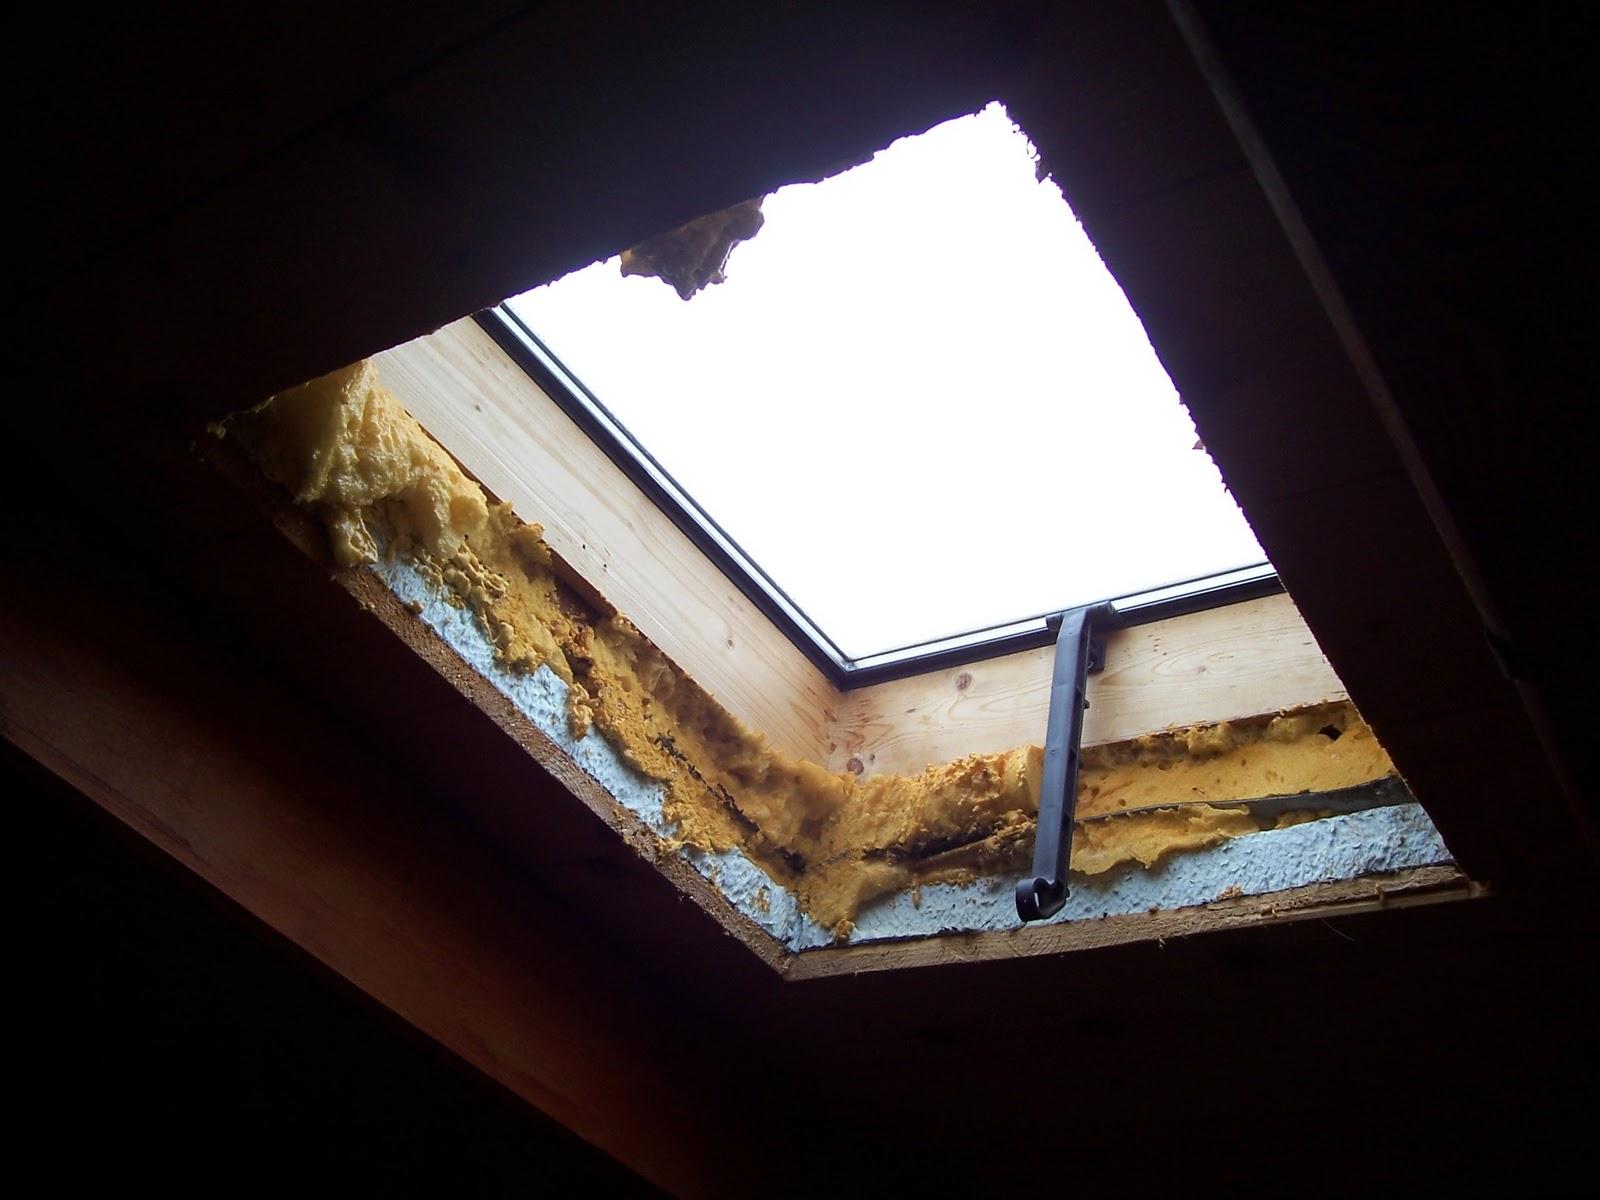 il Blog di Locomotiva: Lo sbrego nel tetto (Lucernario, Abbaino)